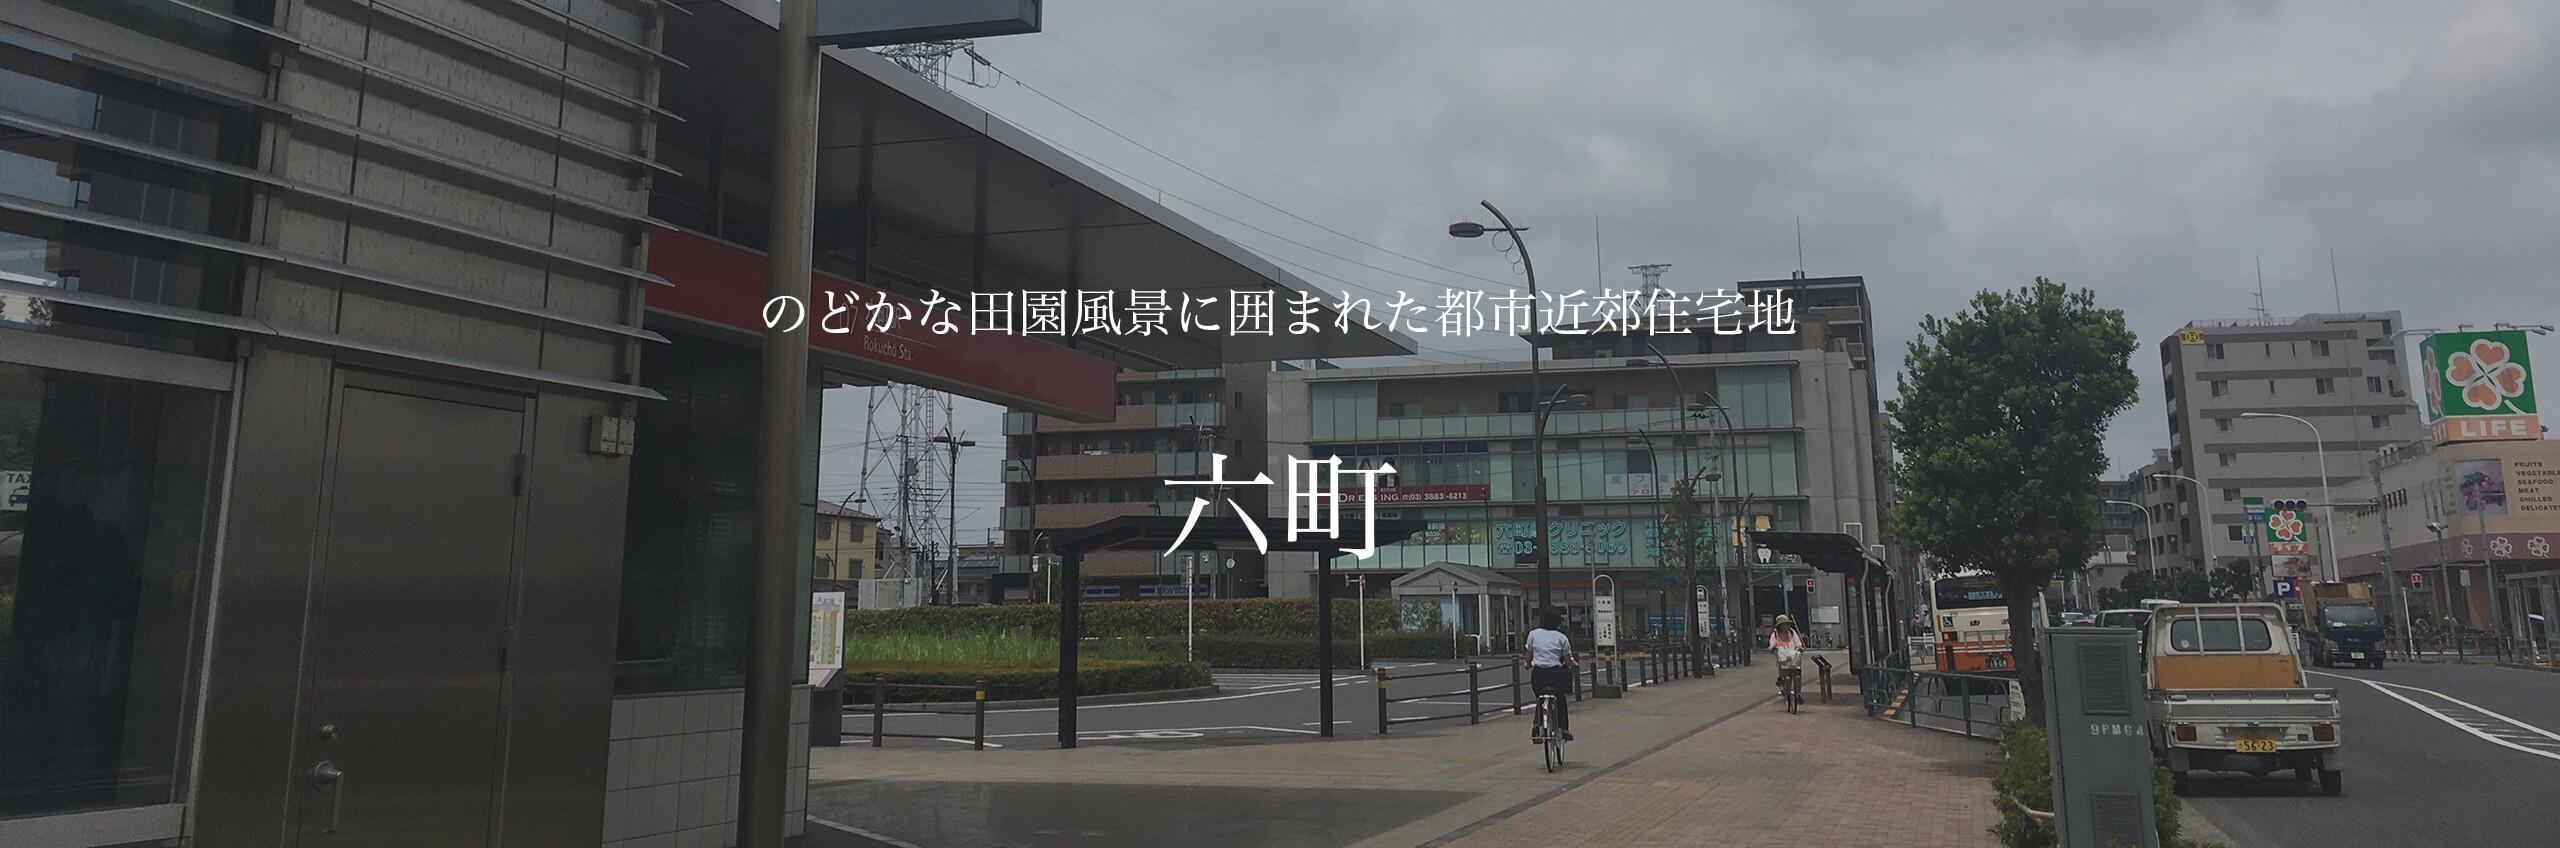 first_view-first_view-towm_rokucho01_firstview-min-20201010.jpg